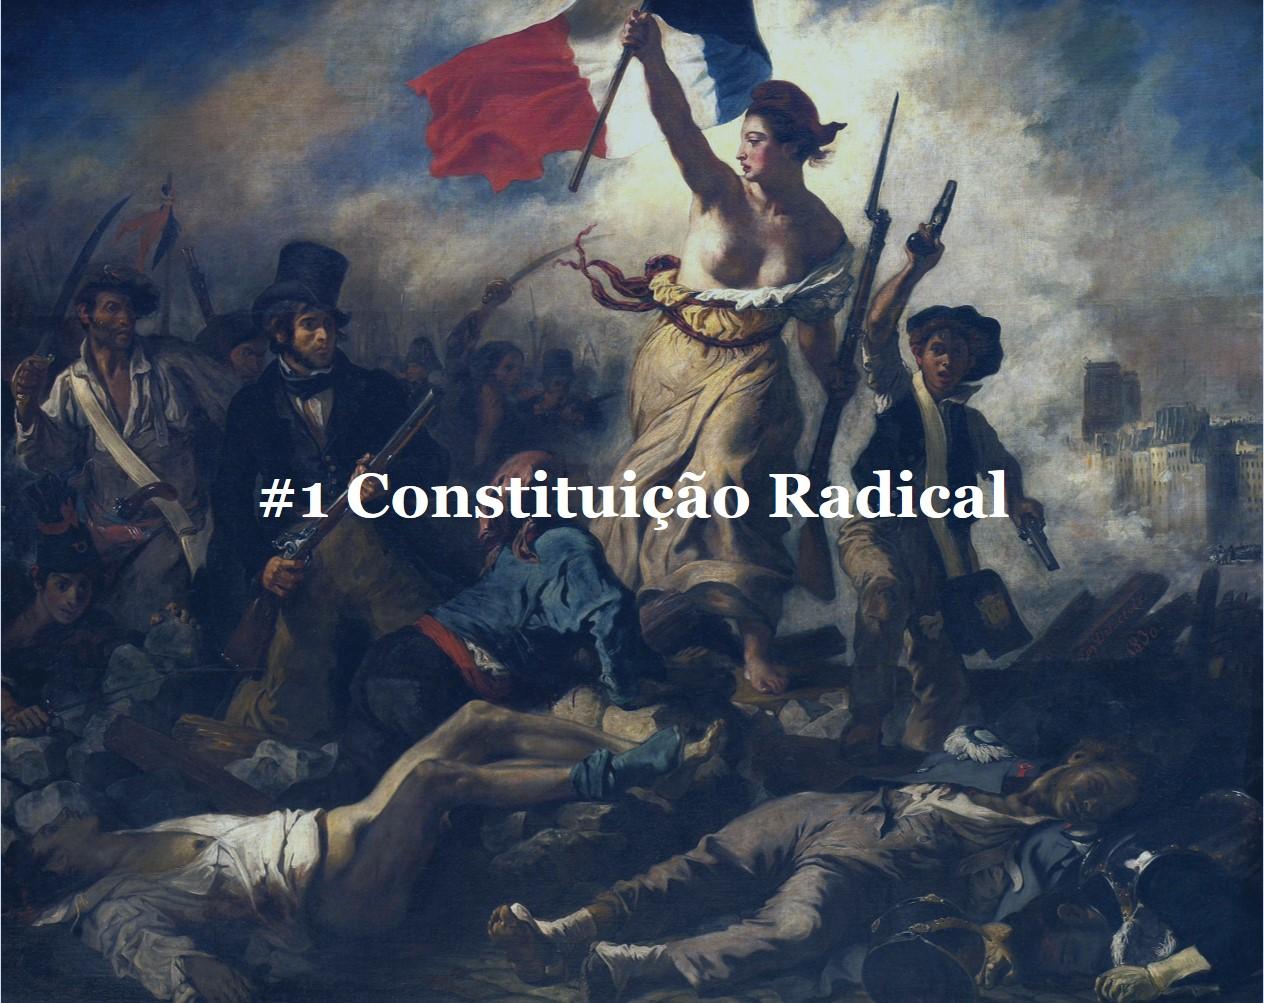 #1 Constituição Radical